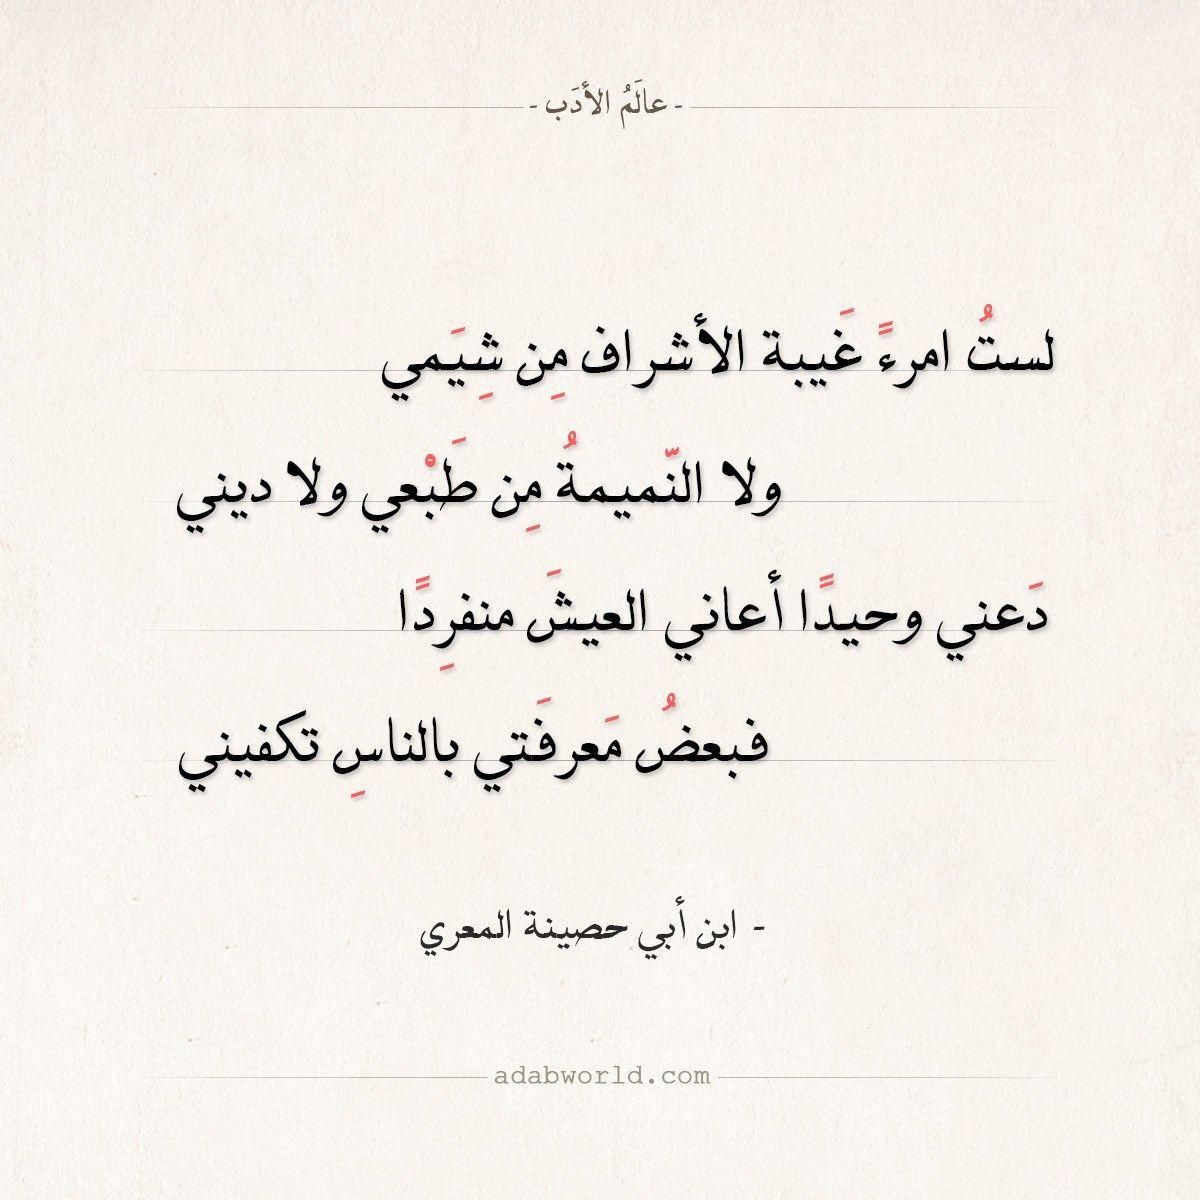 شعر ابن أبي حصينة المعري لست امرء غيبة الأشراف من شيمي عالم الأدب Holy Quotes Words Quotes Arabic Poetry